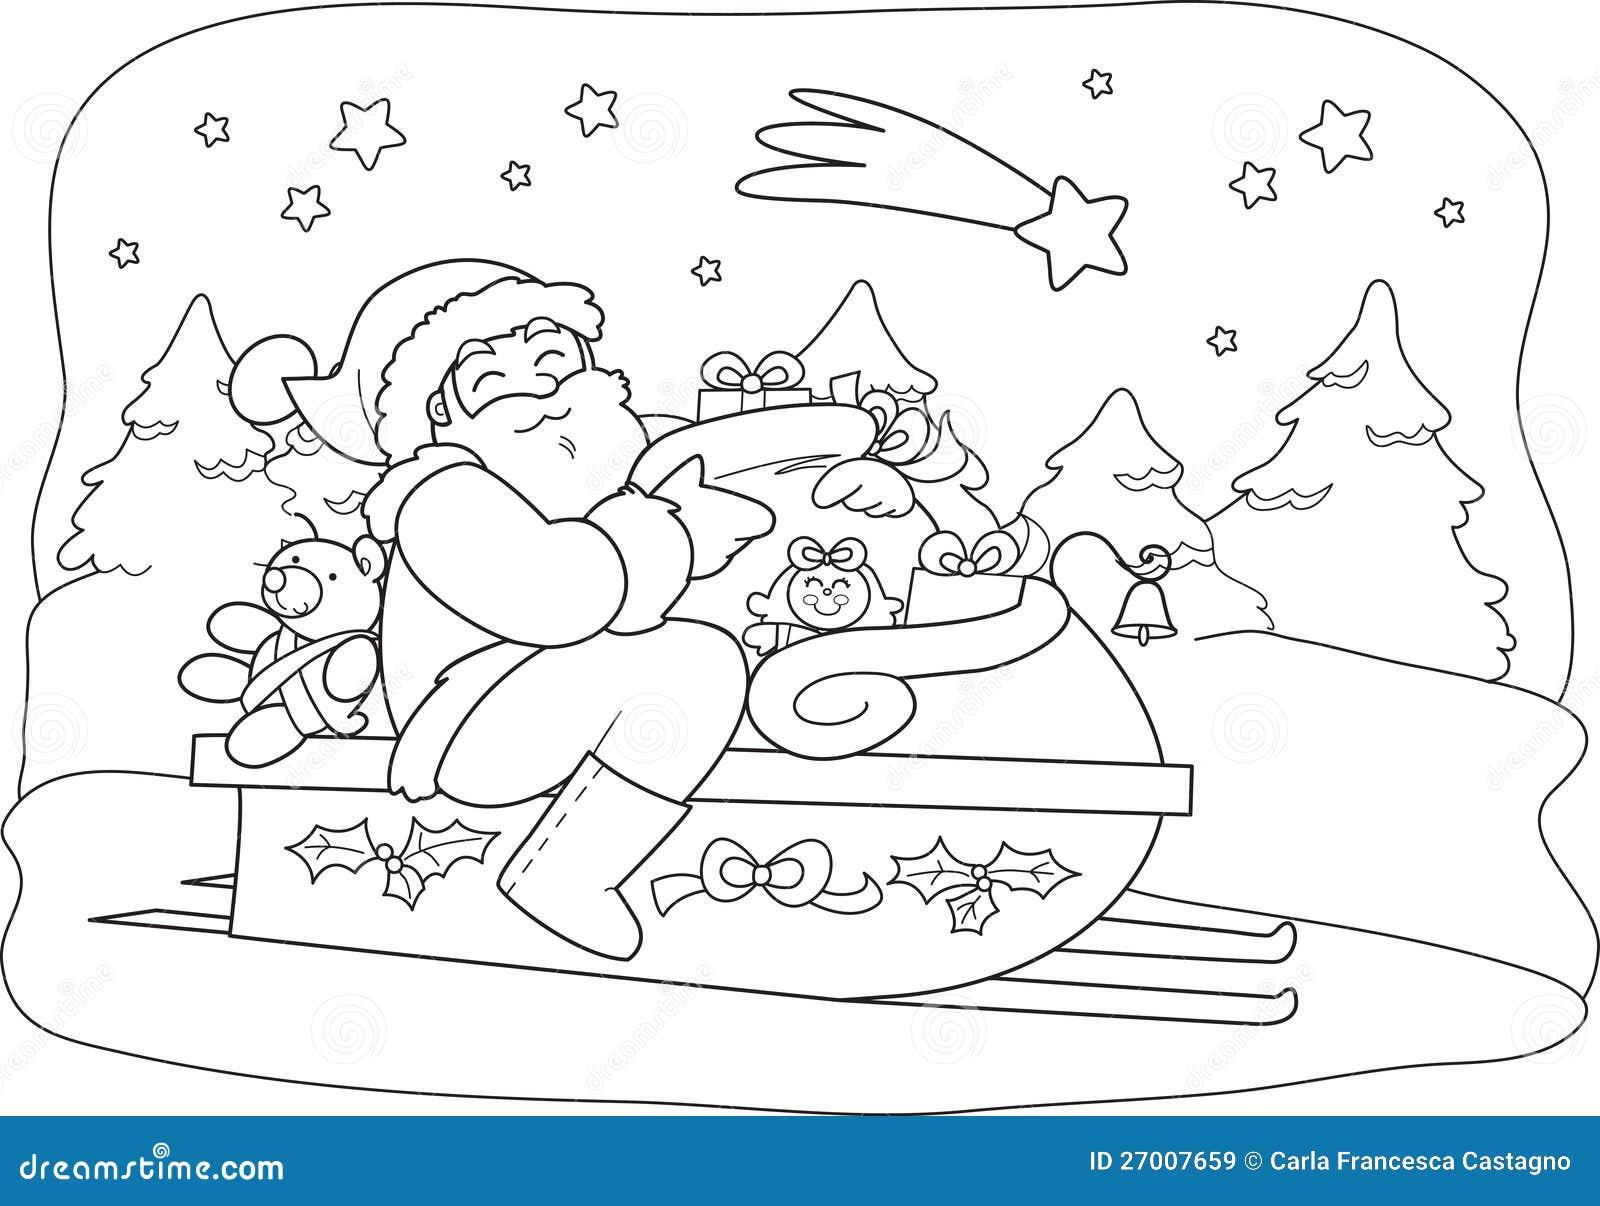 weihnachtsmann mit sack im schlitten vektor abbildung